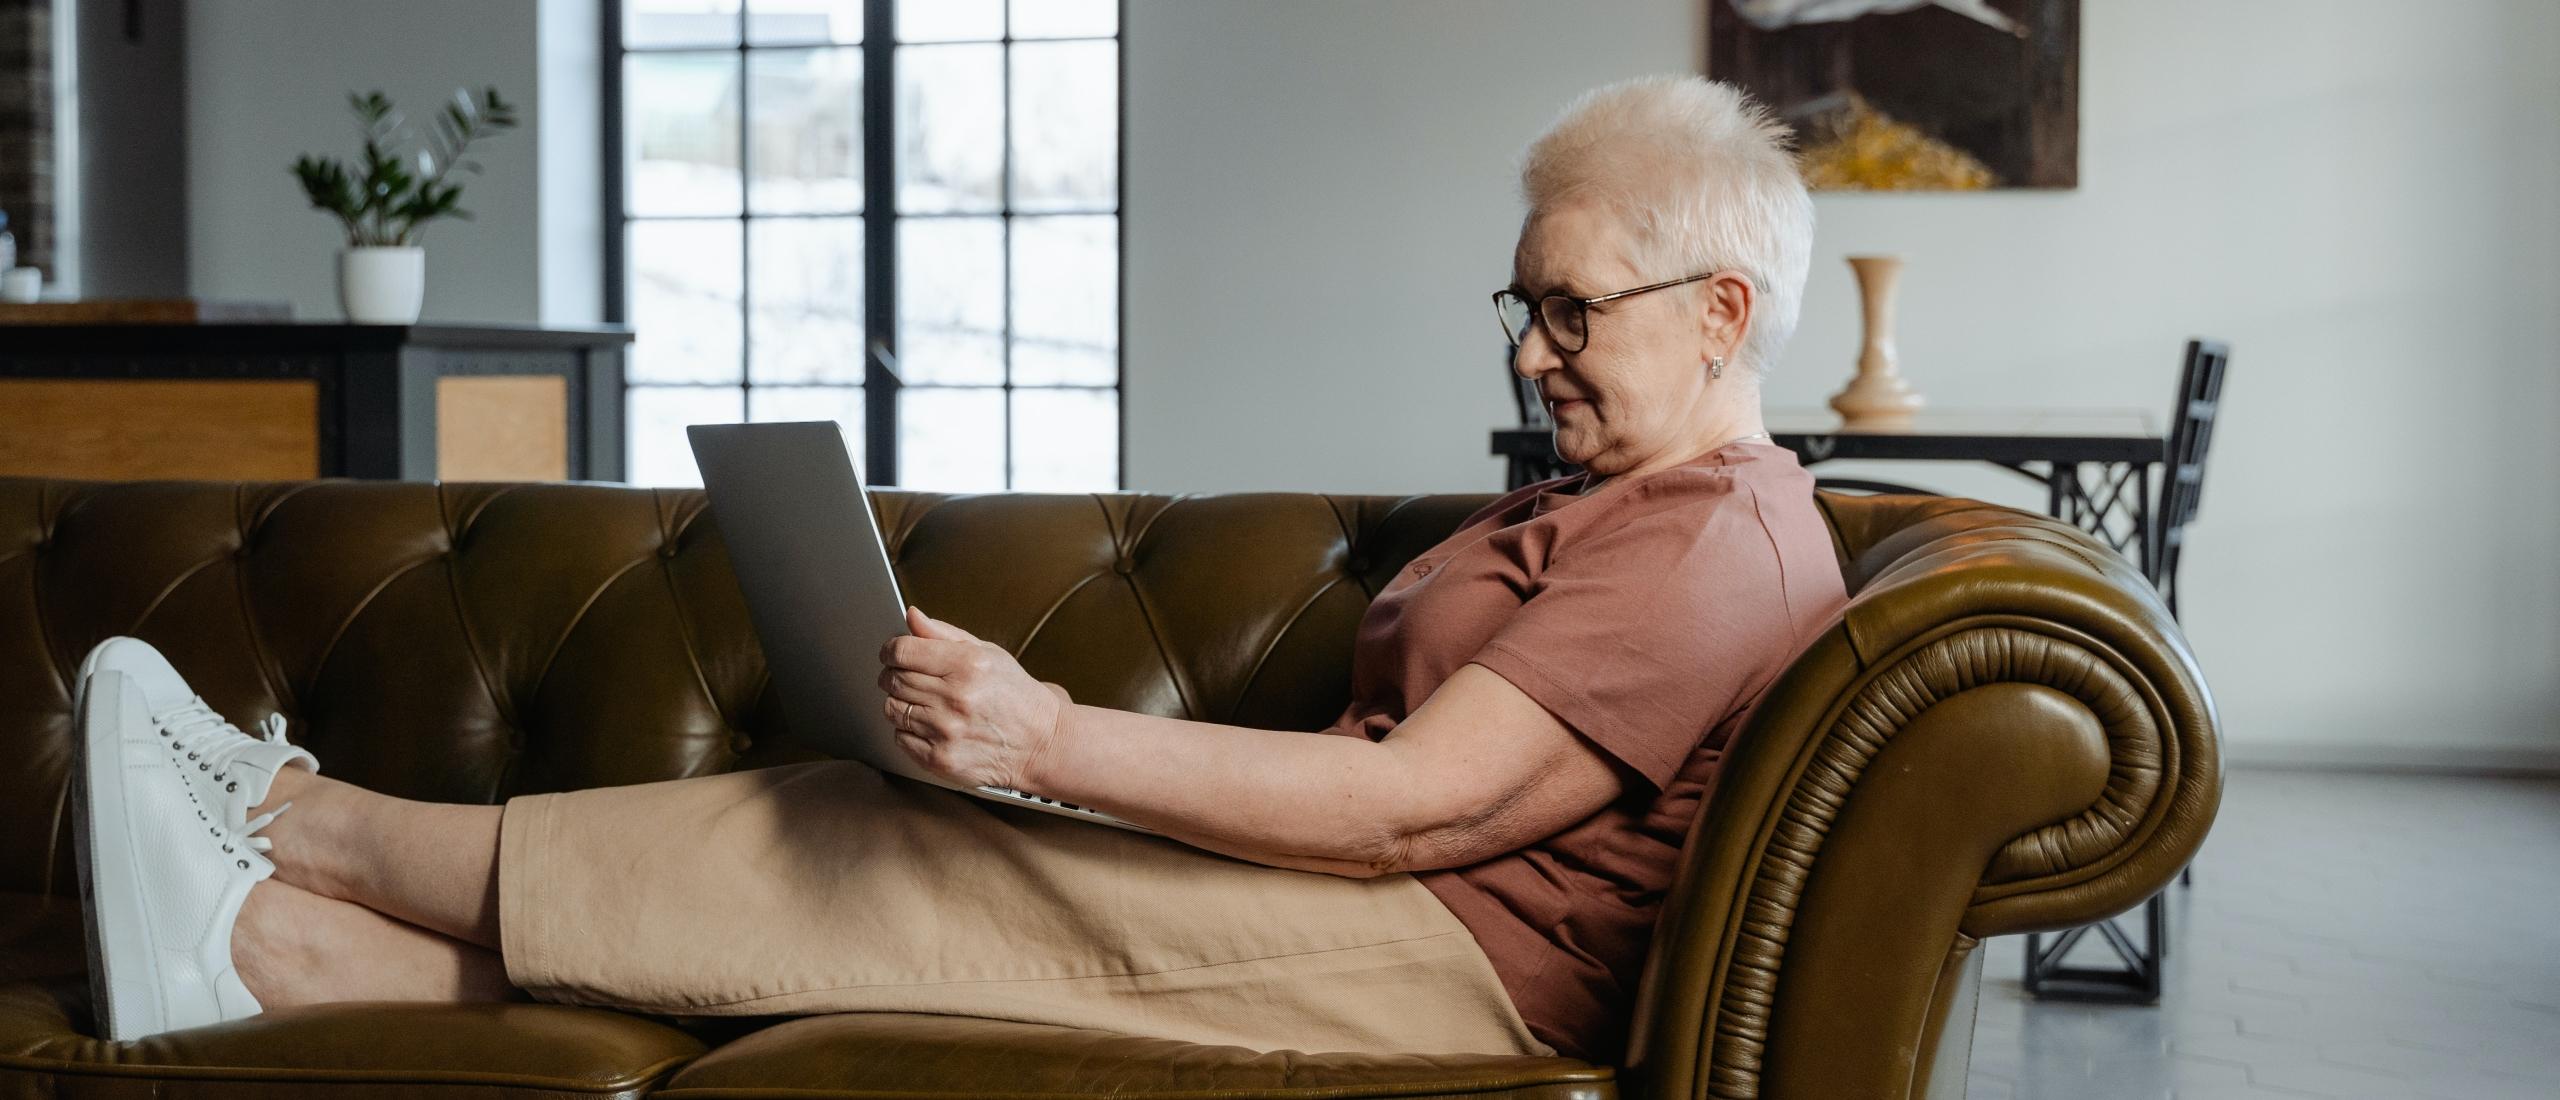 Zelf pensioen opbouwen gaat makkelijker met beleggen